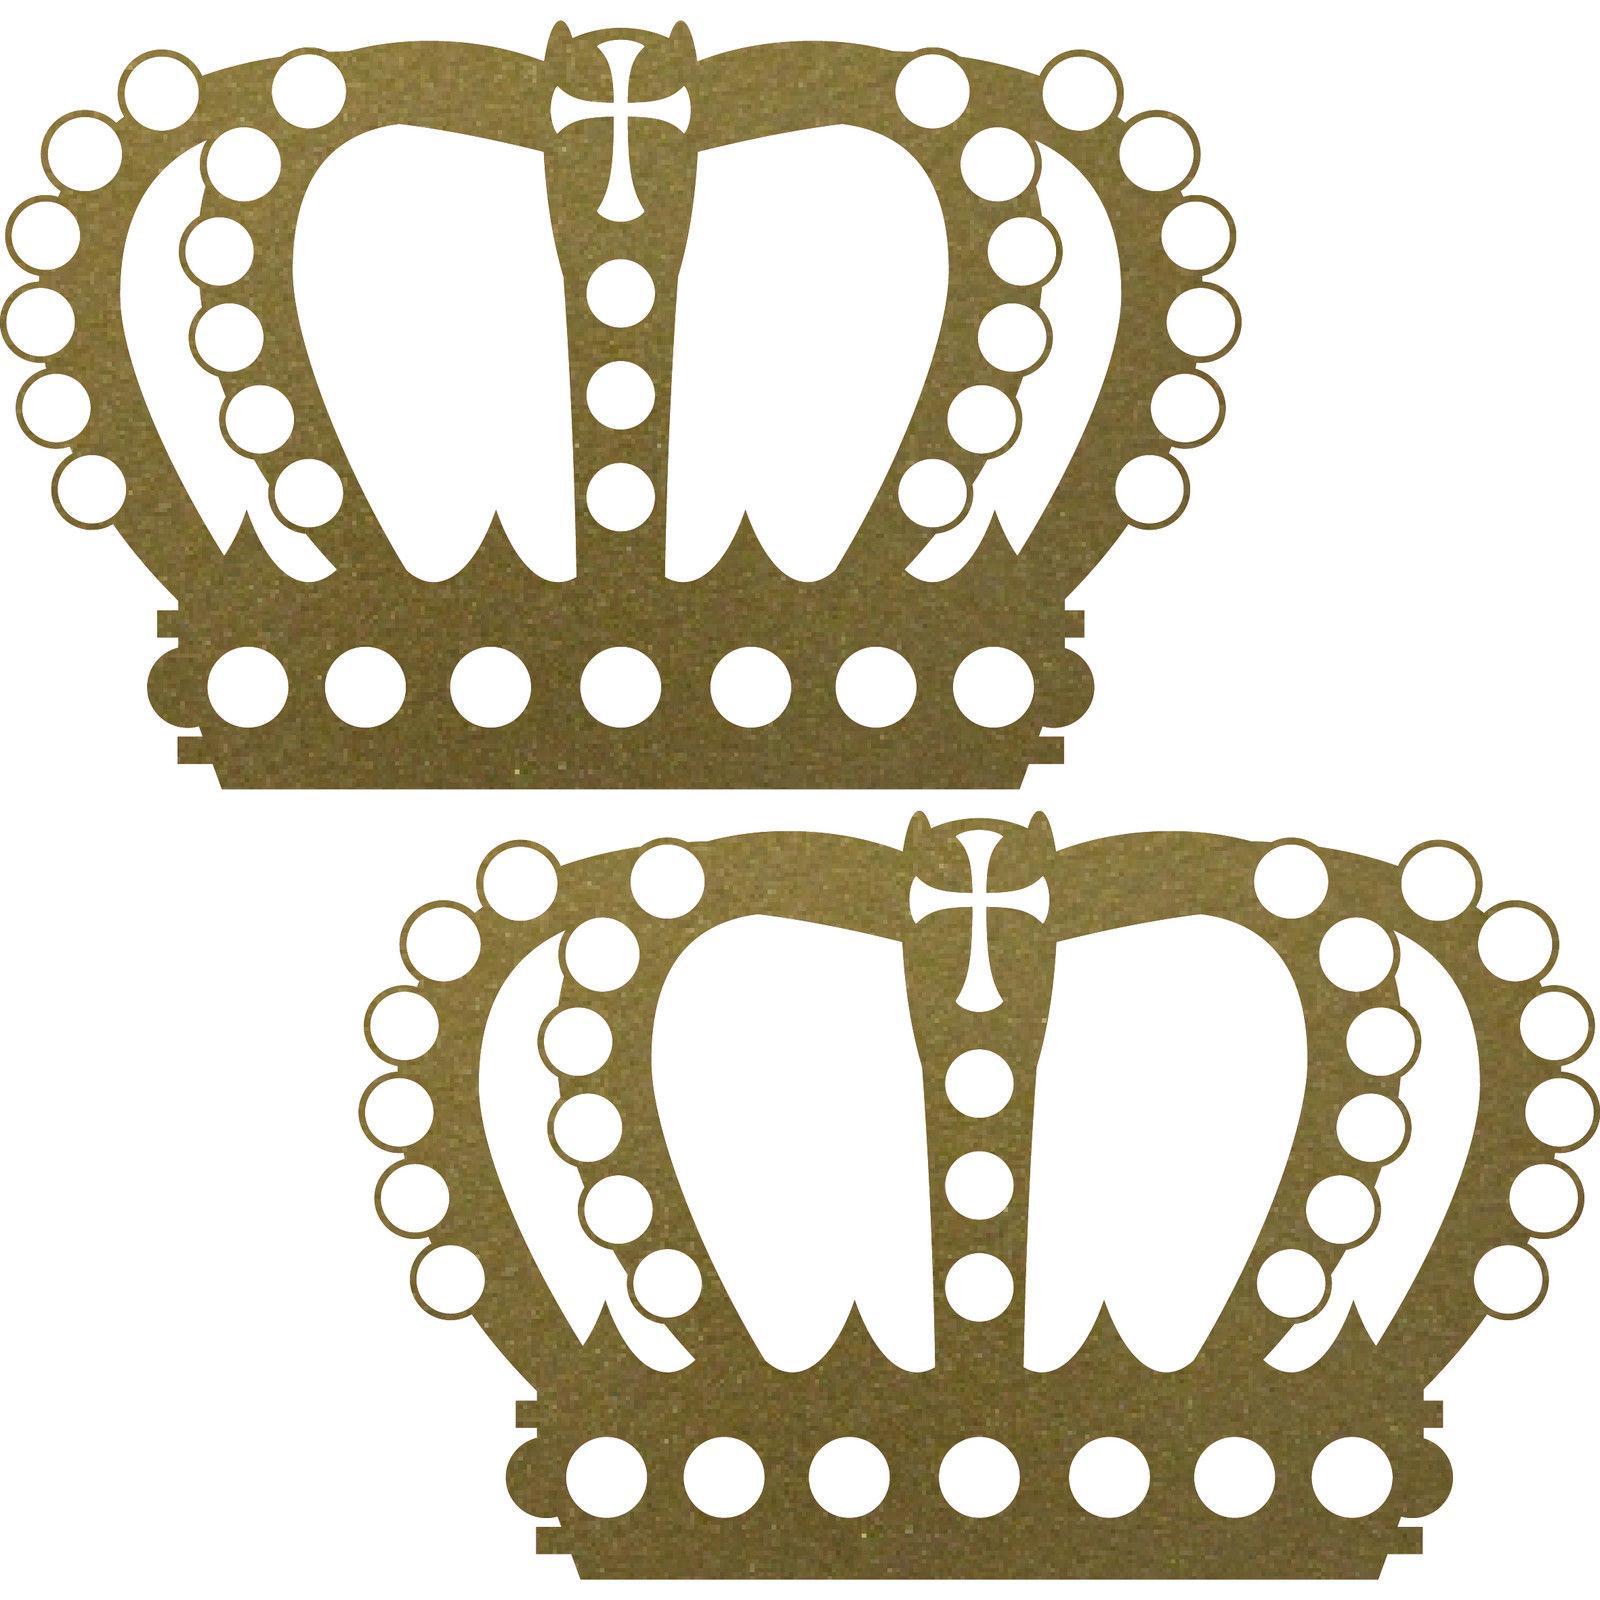 2 st ck 23cm gold k nig krone aufkleber tattoo wandtattoo die cut deko folie kaufen bei green it. Black Bedroom Furniture Sets. Home Design Ideas